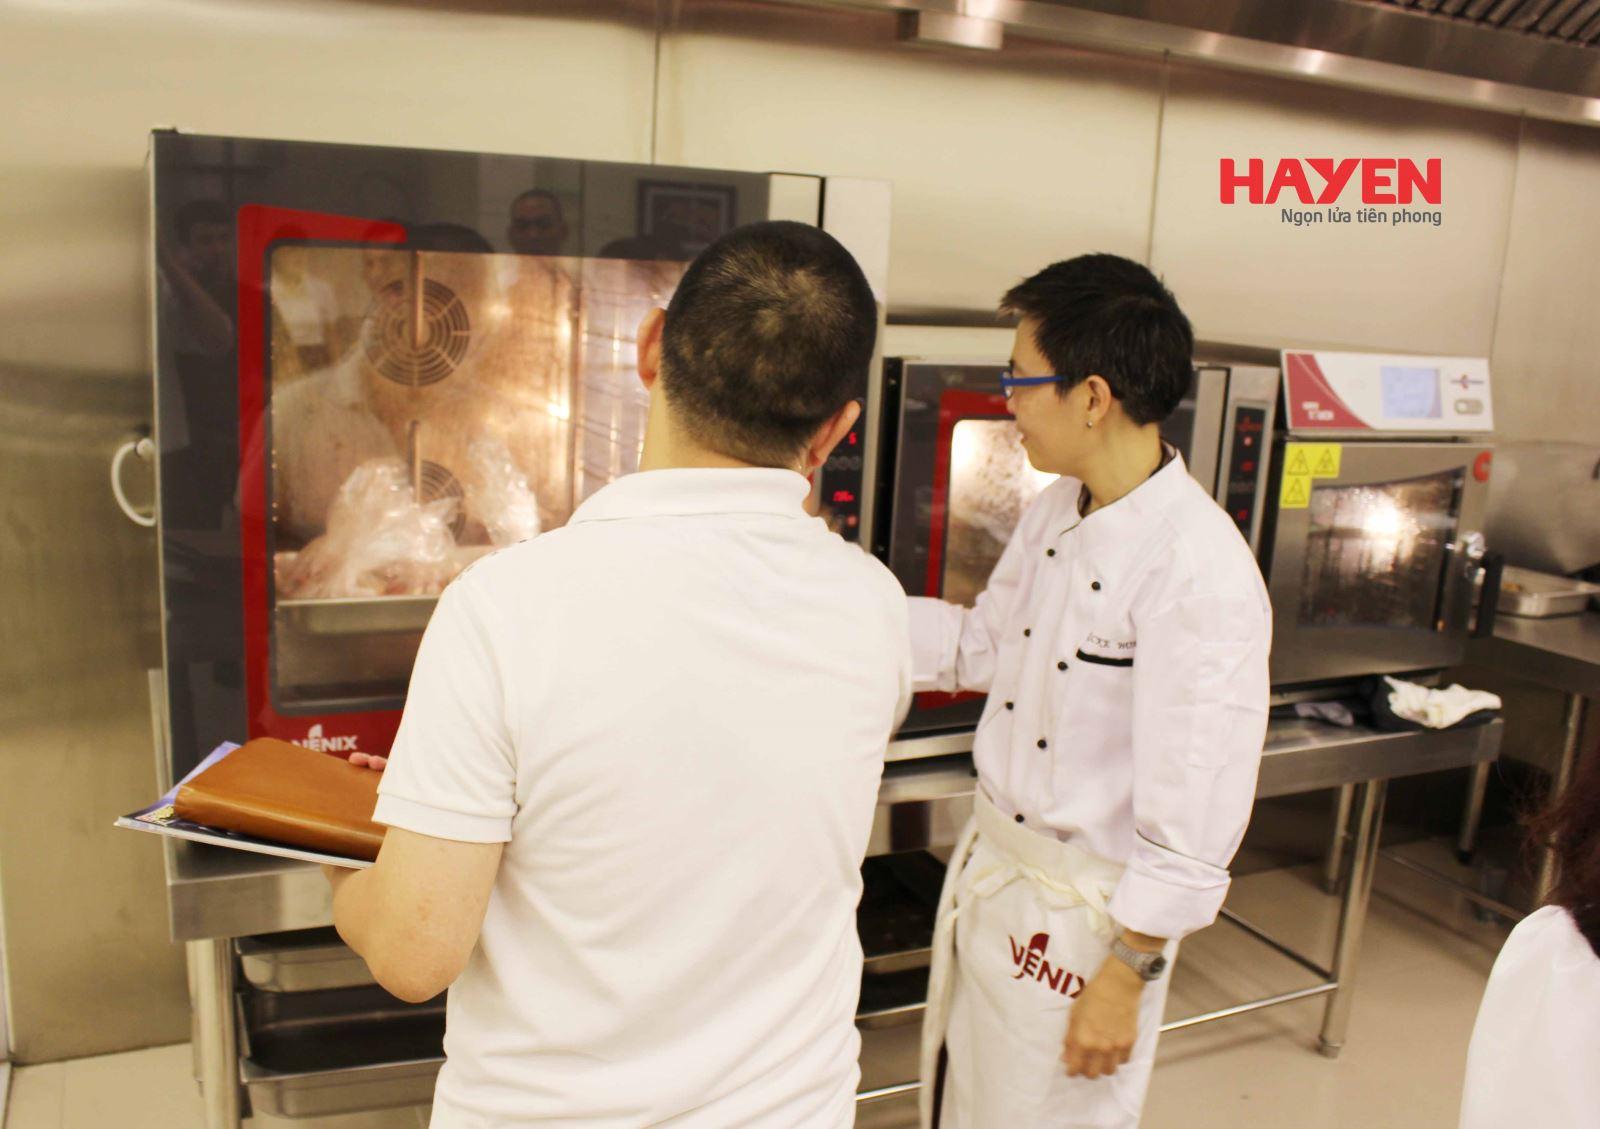 Bếp từ Hà Yến – Giải pháp tăng lợi nhuận từ việc tiết kiệm chi phí cho mọi khu bếp công nghiệp